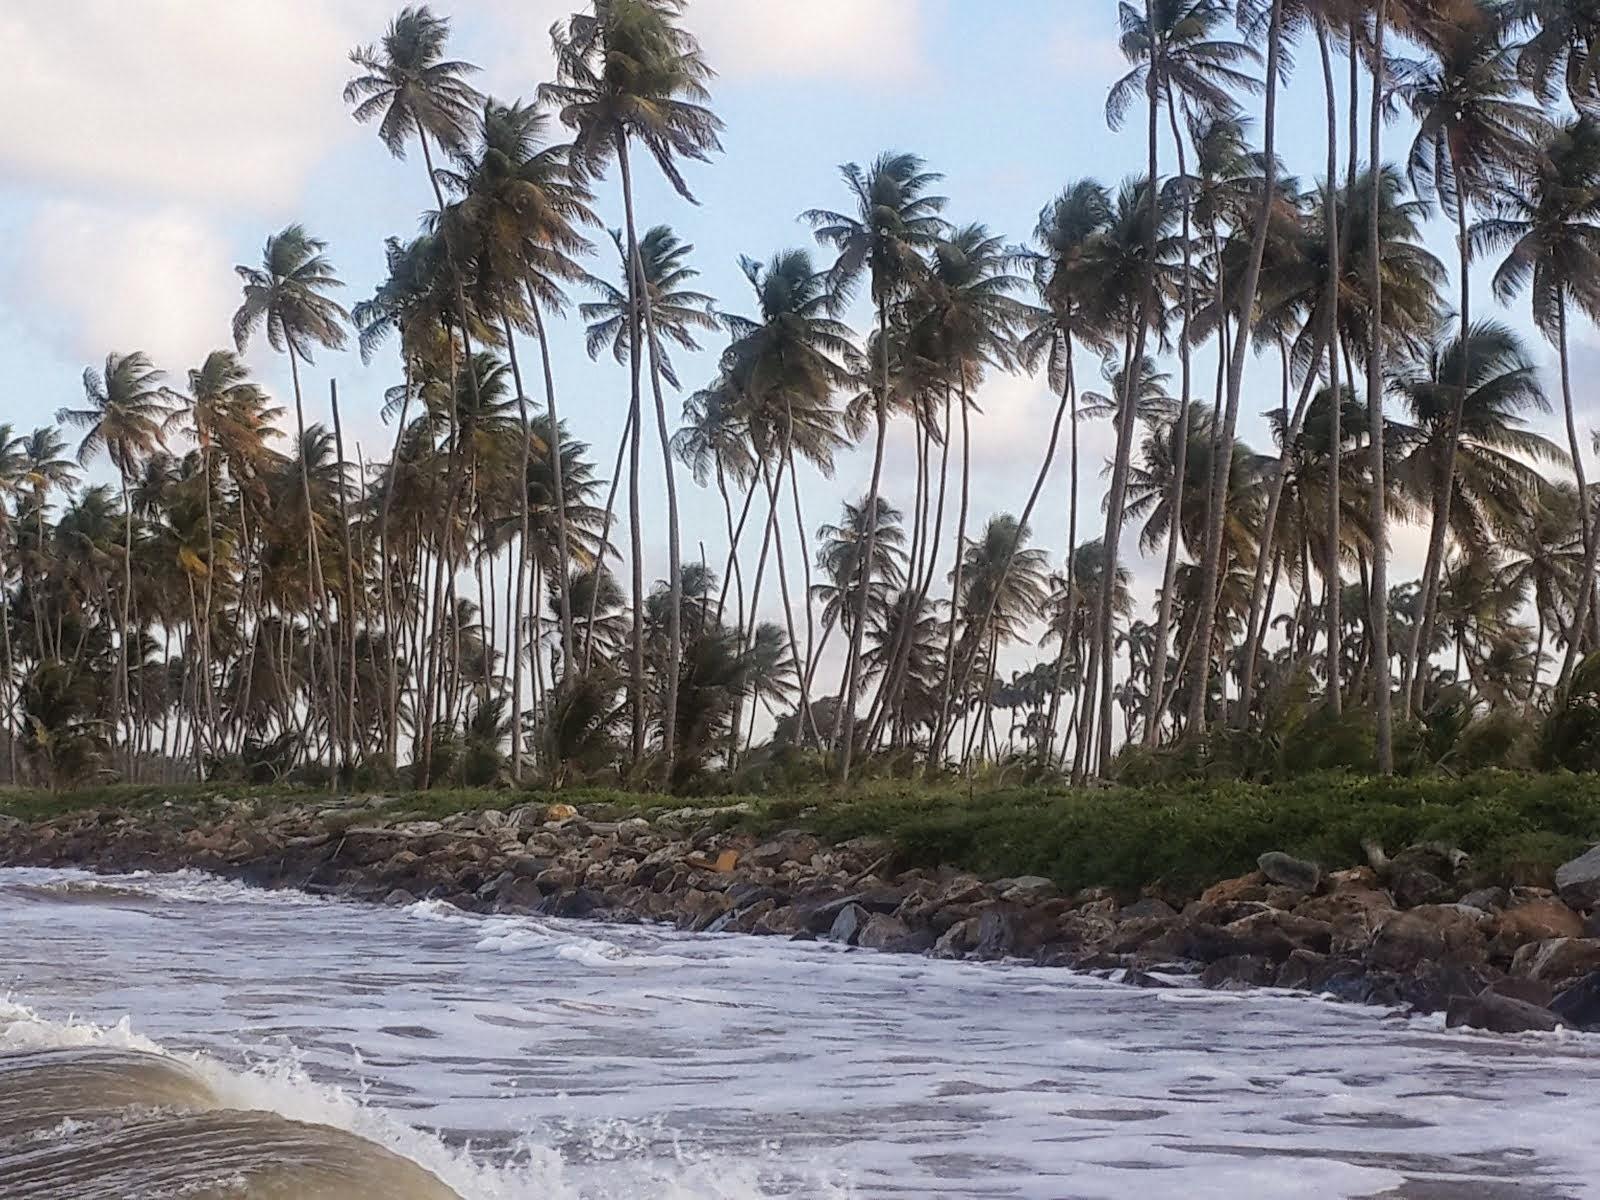 MANZANILLA: WATER MEETS THE ROCK 'WALL'